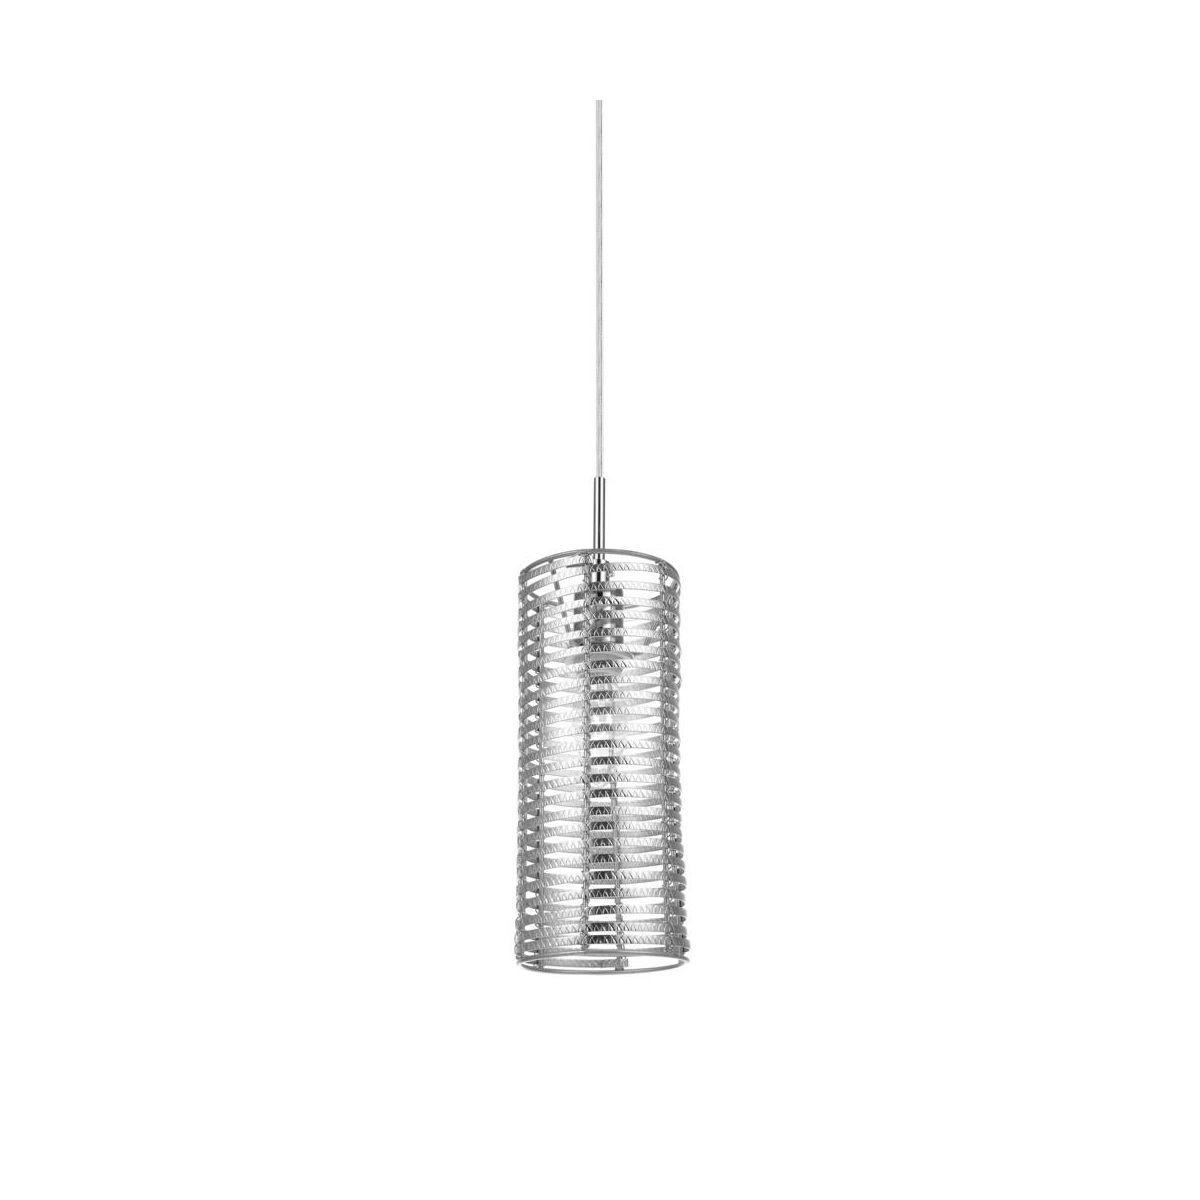 Lampa Wiszaca Alpio Sl Italux Lampy Sufitowe Zyrandole Plafony W Atrakcyjnej Cenie W Sklepach Leroy Merlin Ceiling Lights Pendant Light Light